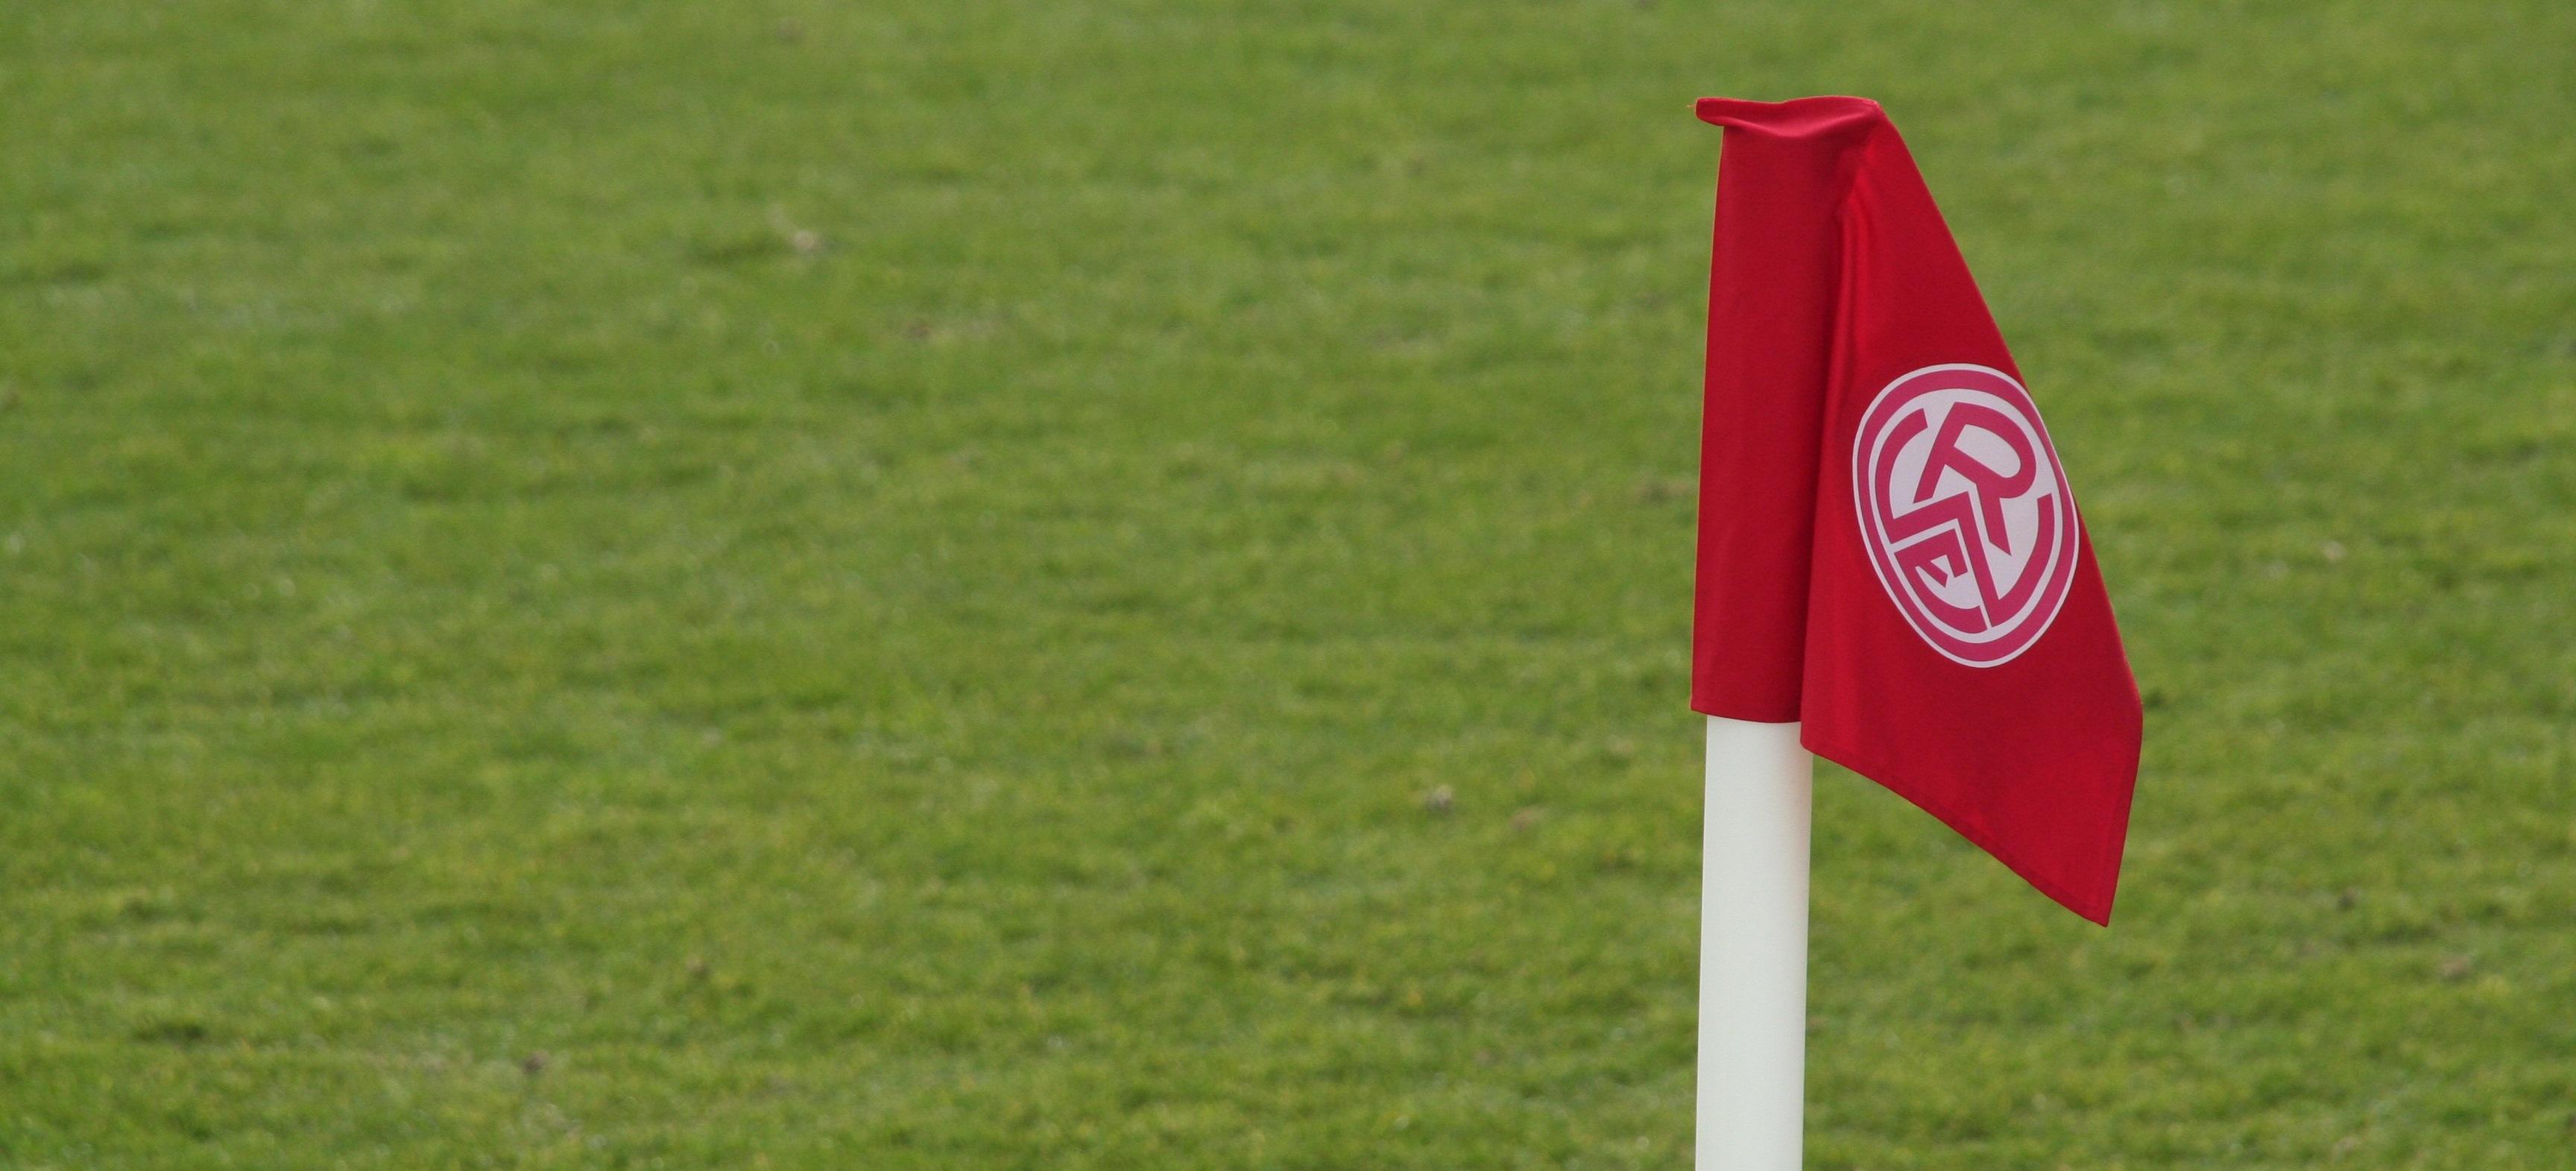 Das Spiel der rot-weissen U19 gegen den SSV Bergisch Born kann nicht stattfinden.